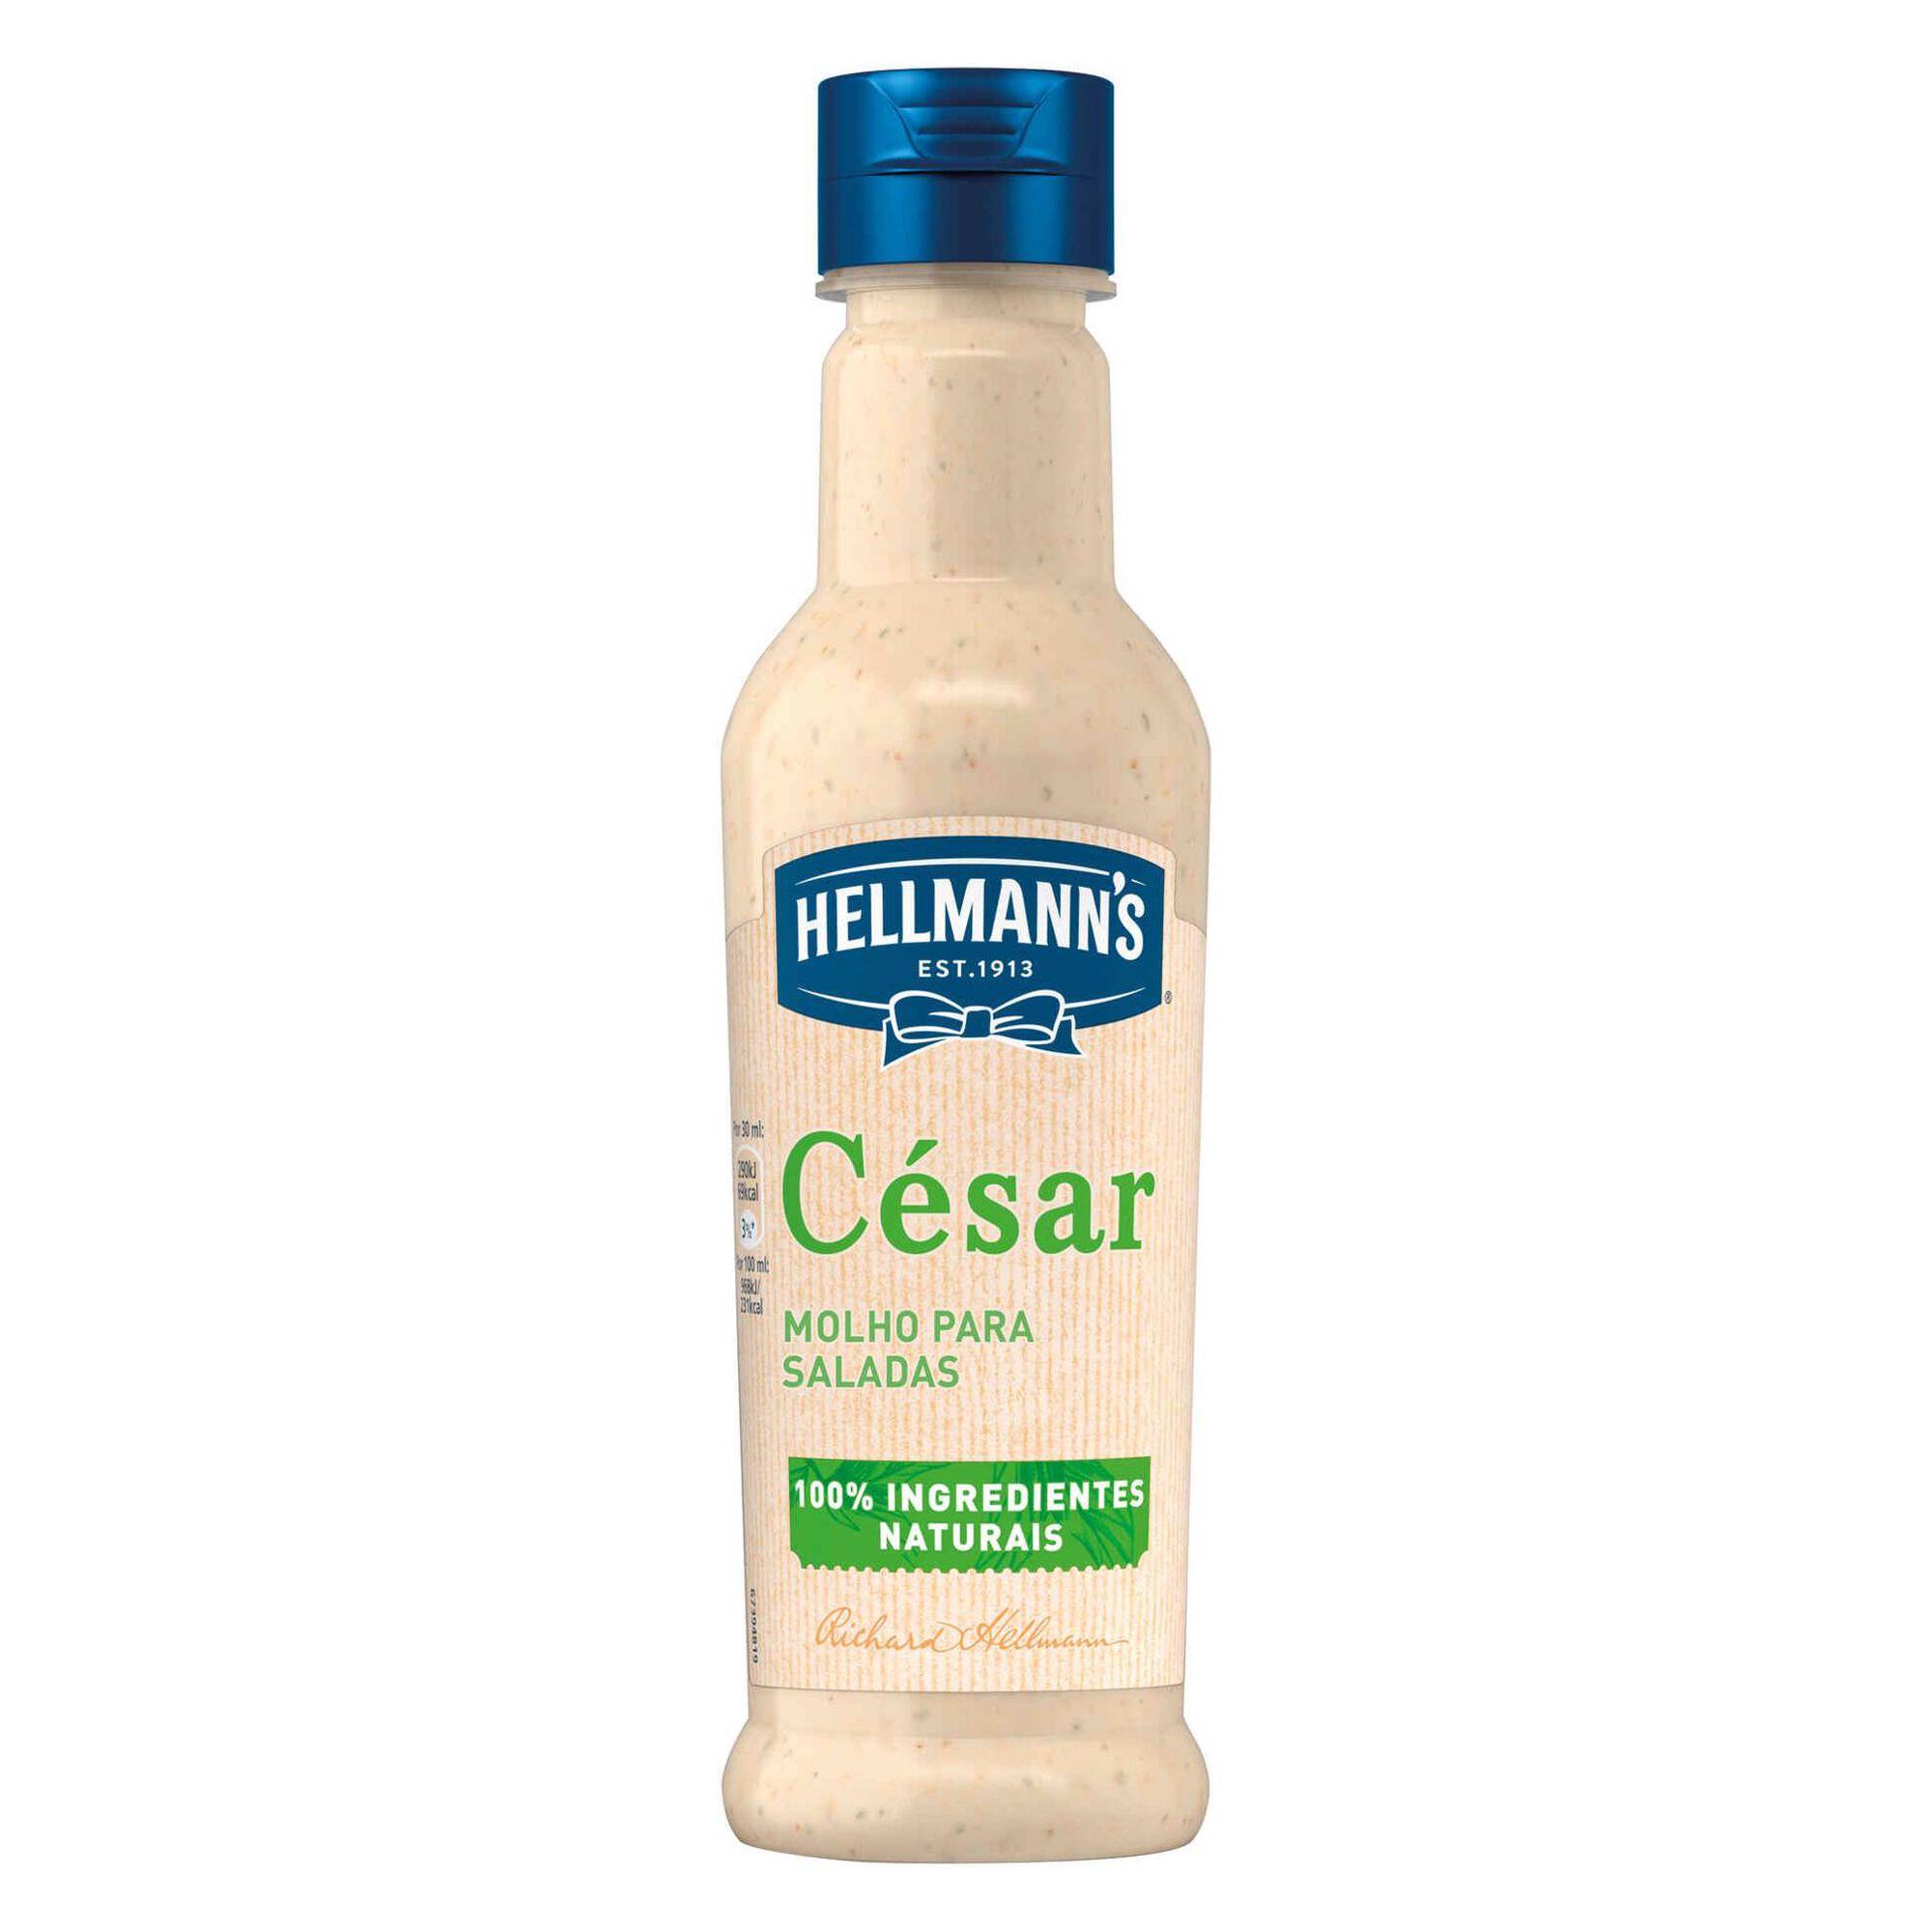 Molho para Saladas César